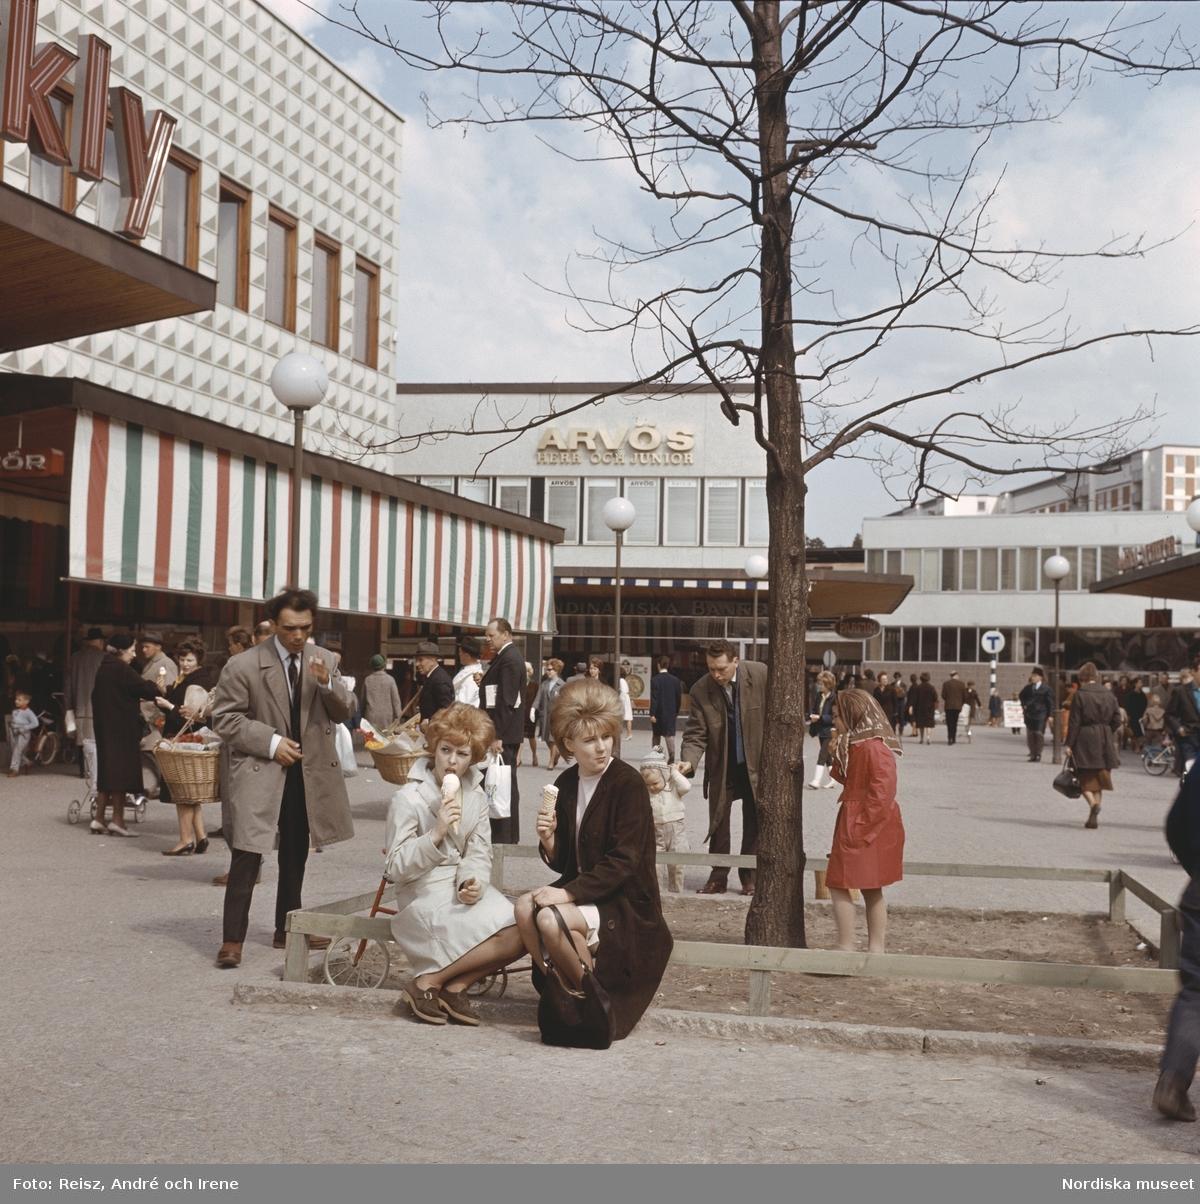 Förort, Farsta centrum. Folkliv runt torget, två kvinnor äter glass under ett träd.